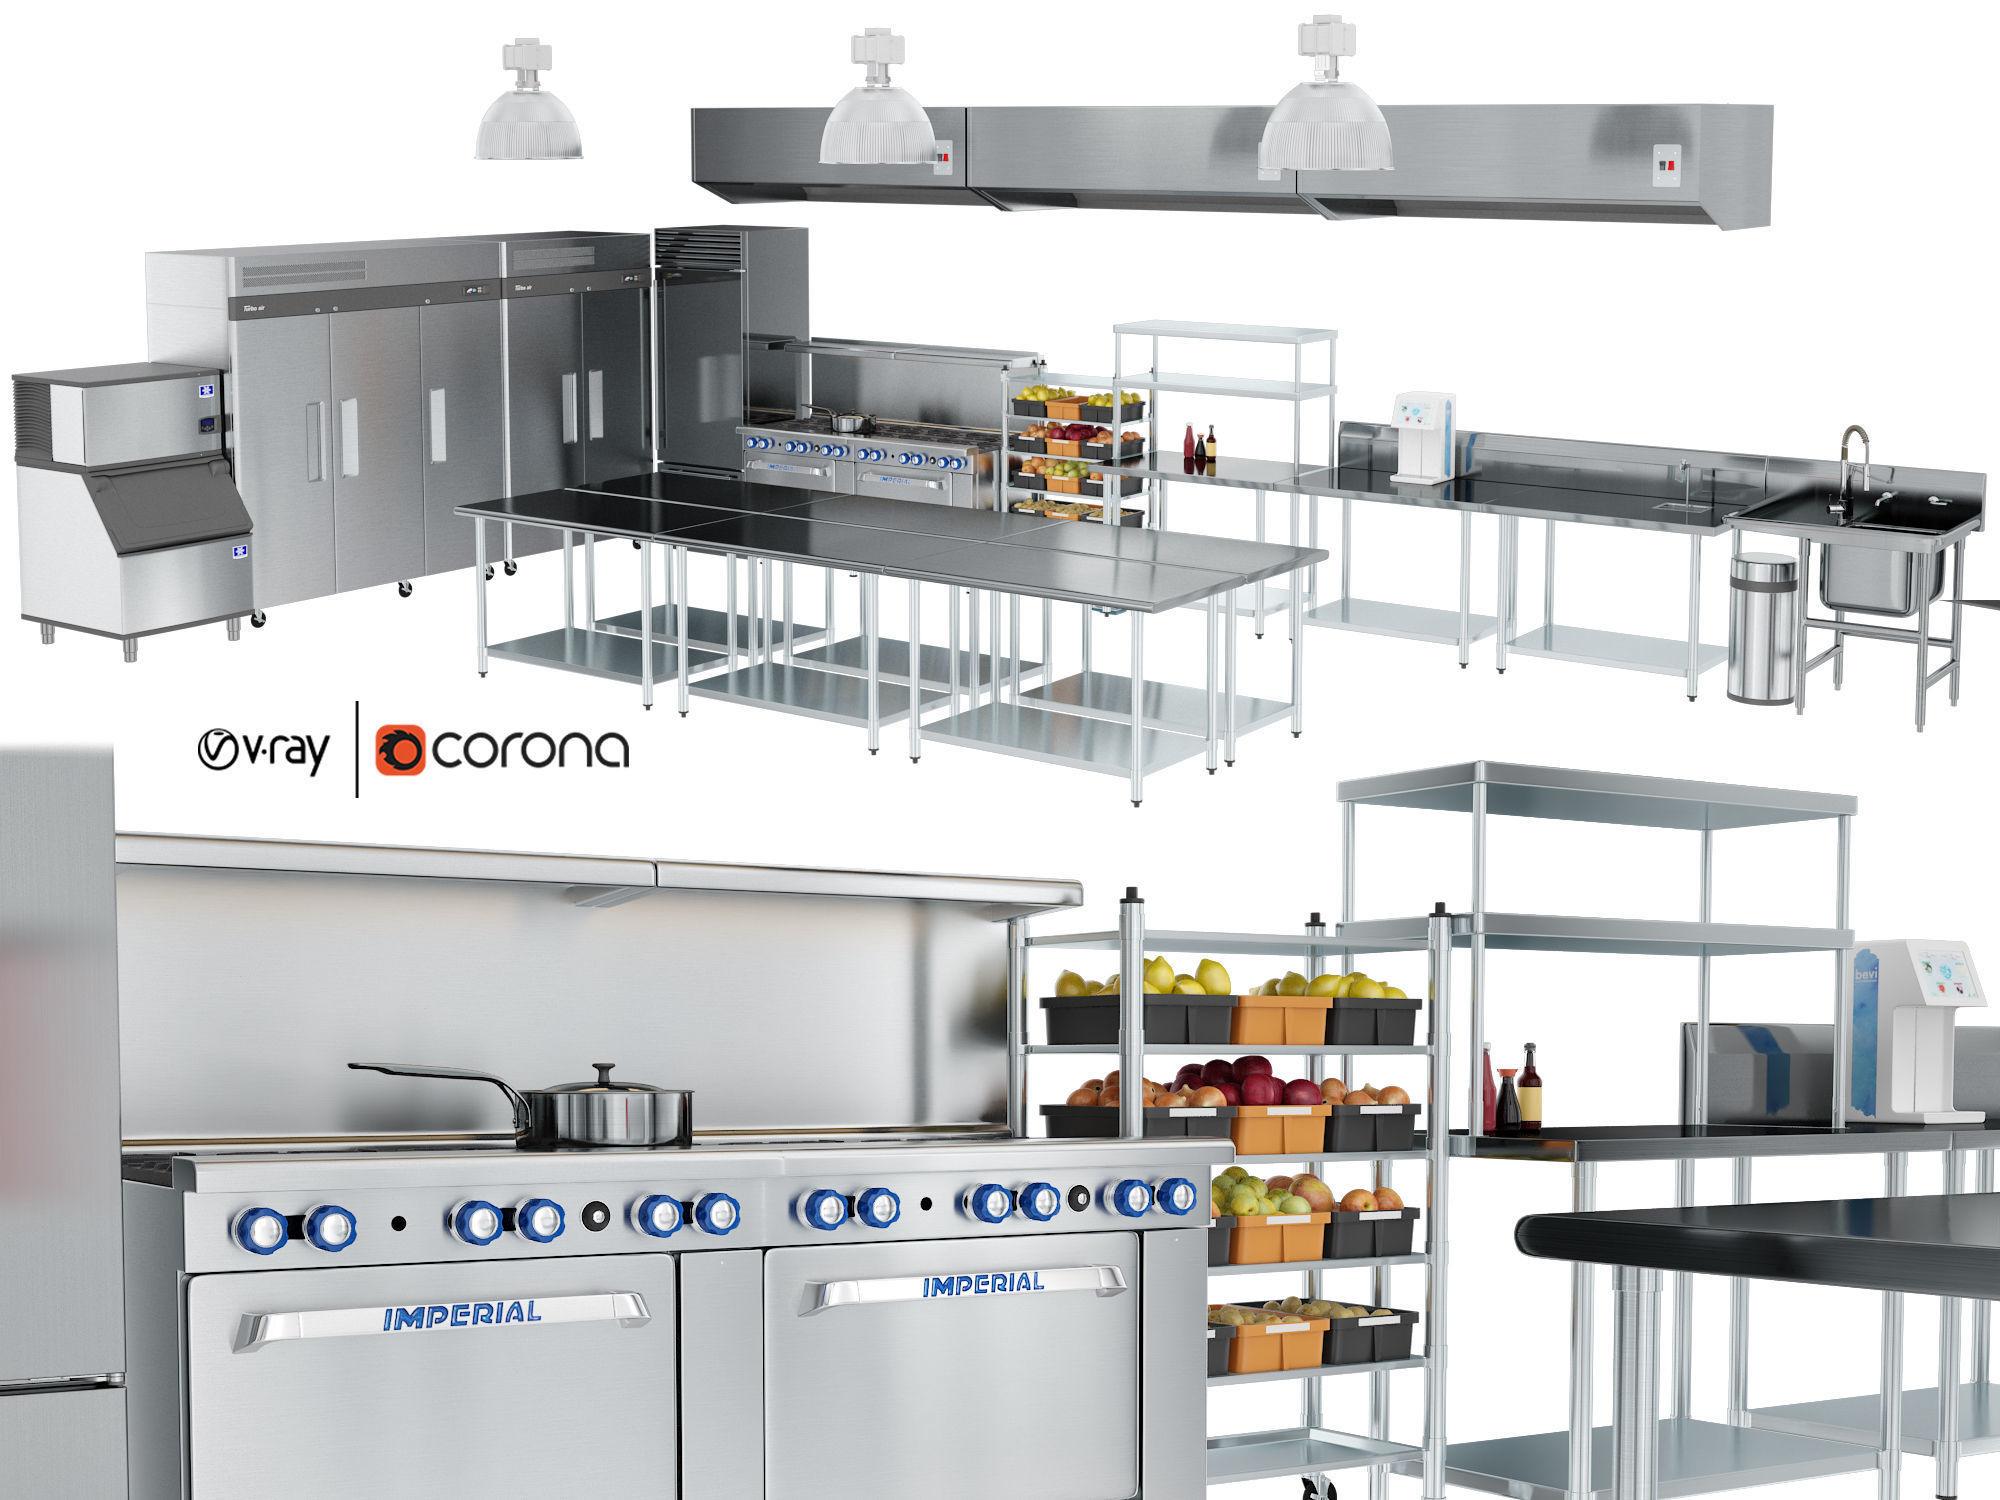 Restaurant cafe kitchen equipment with utensils